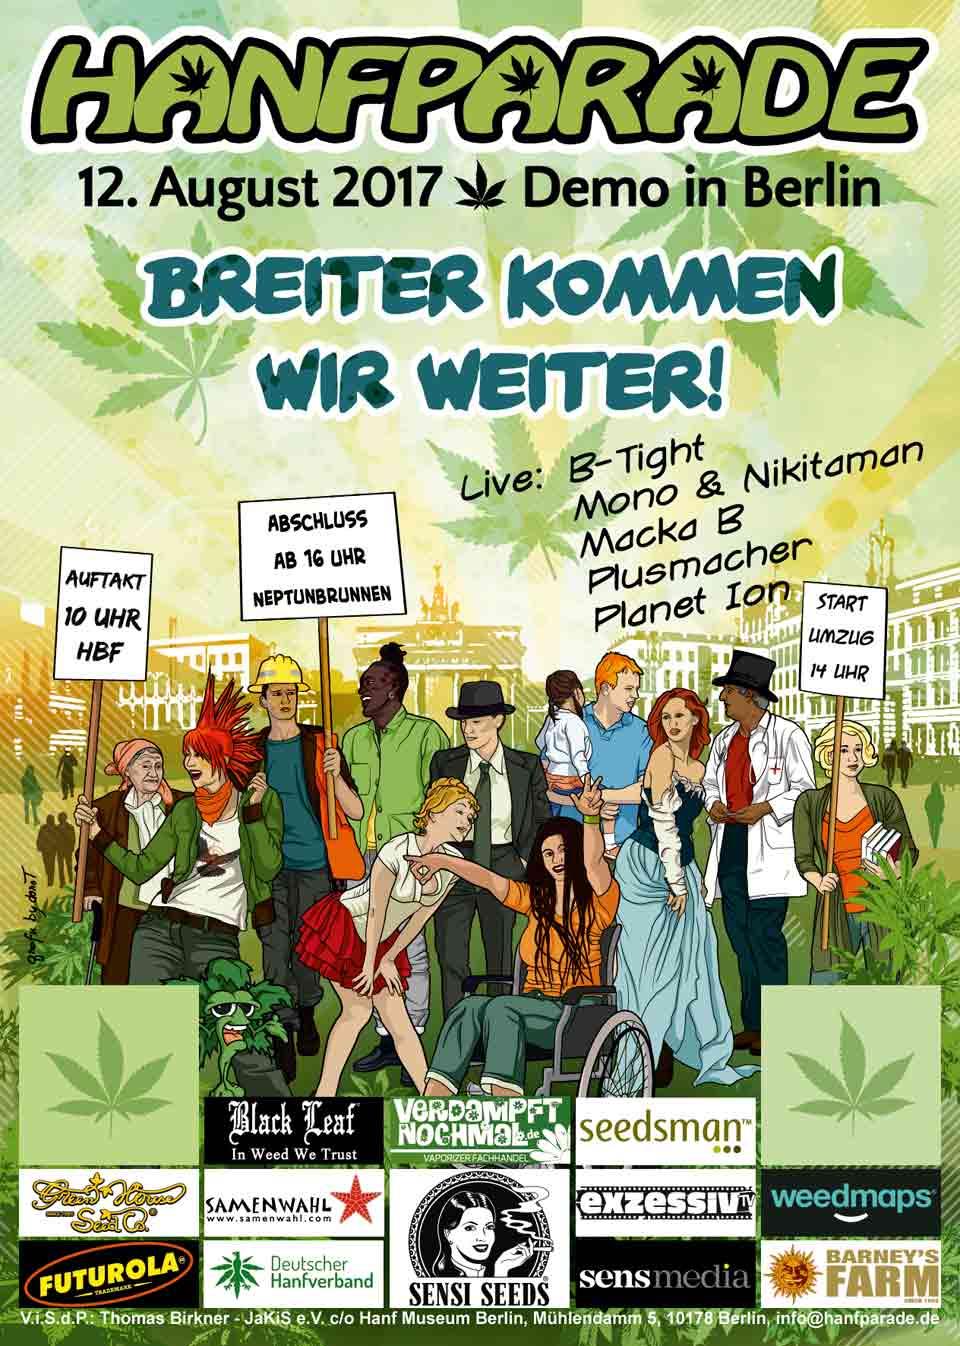 Poster der Hanfparade 2017 - Breiter kommen wir weiter